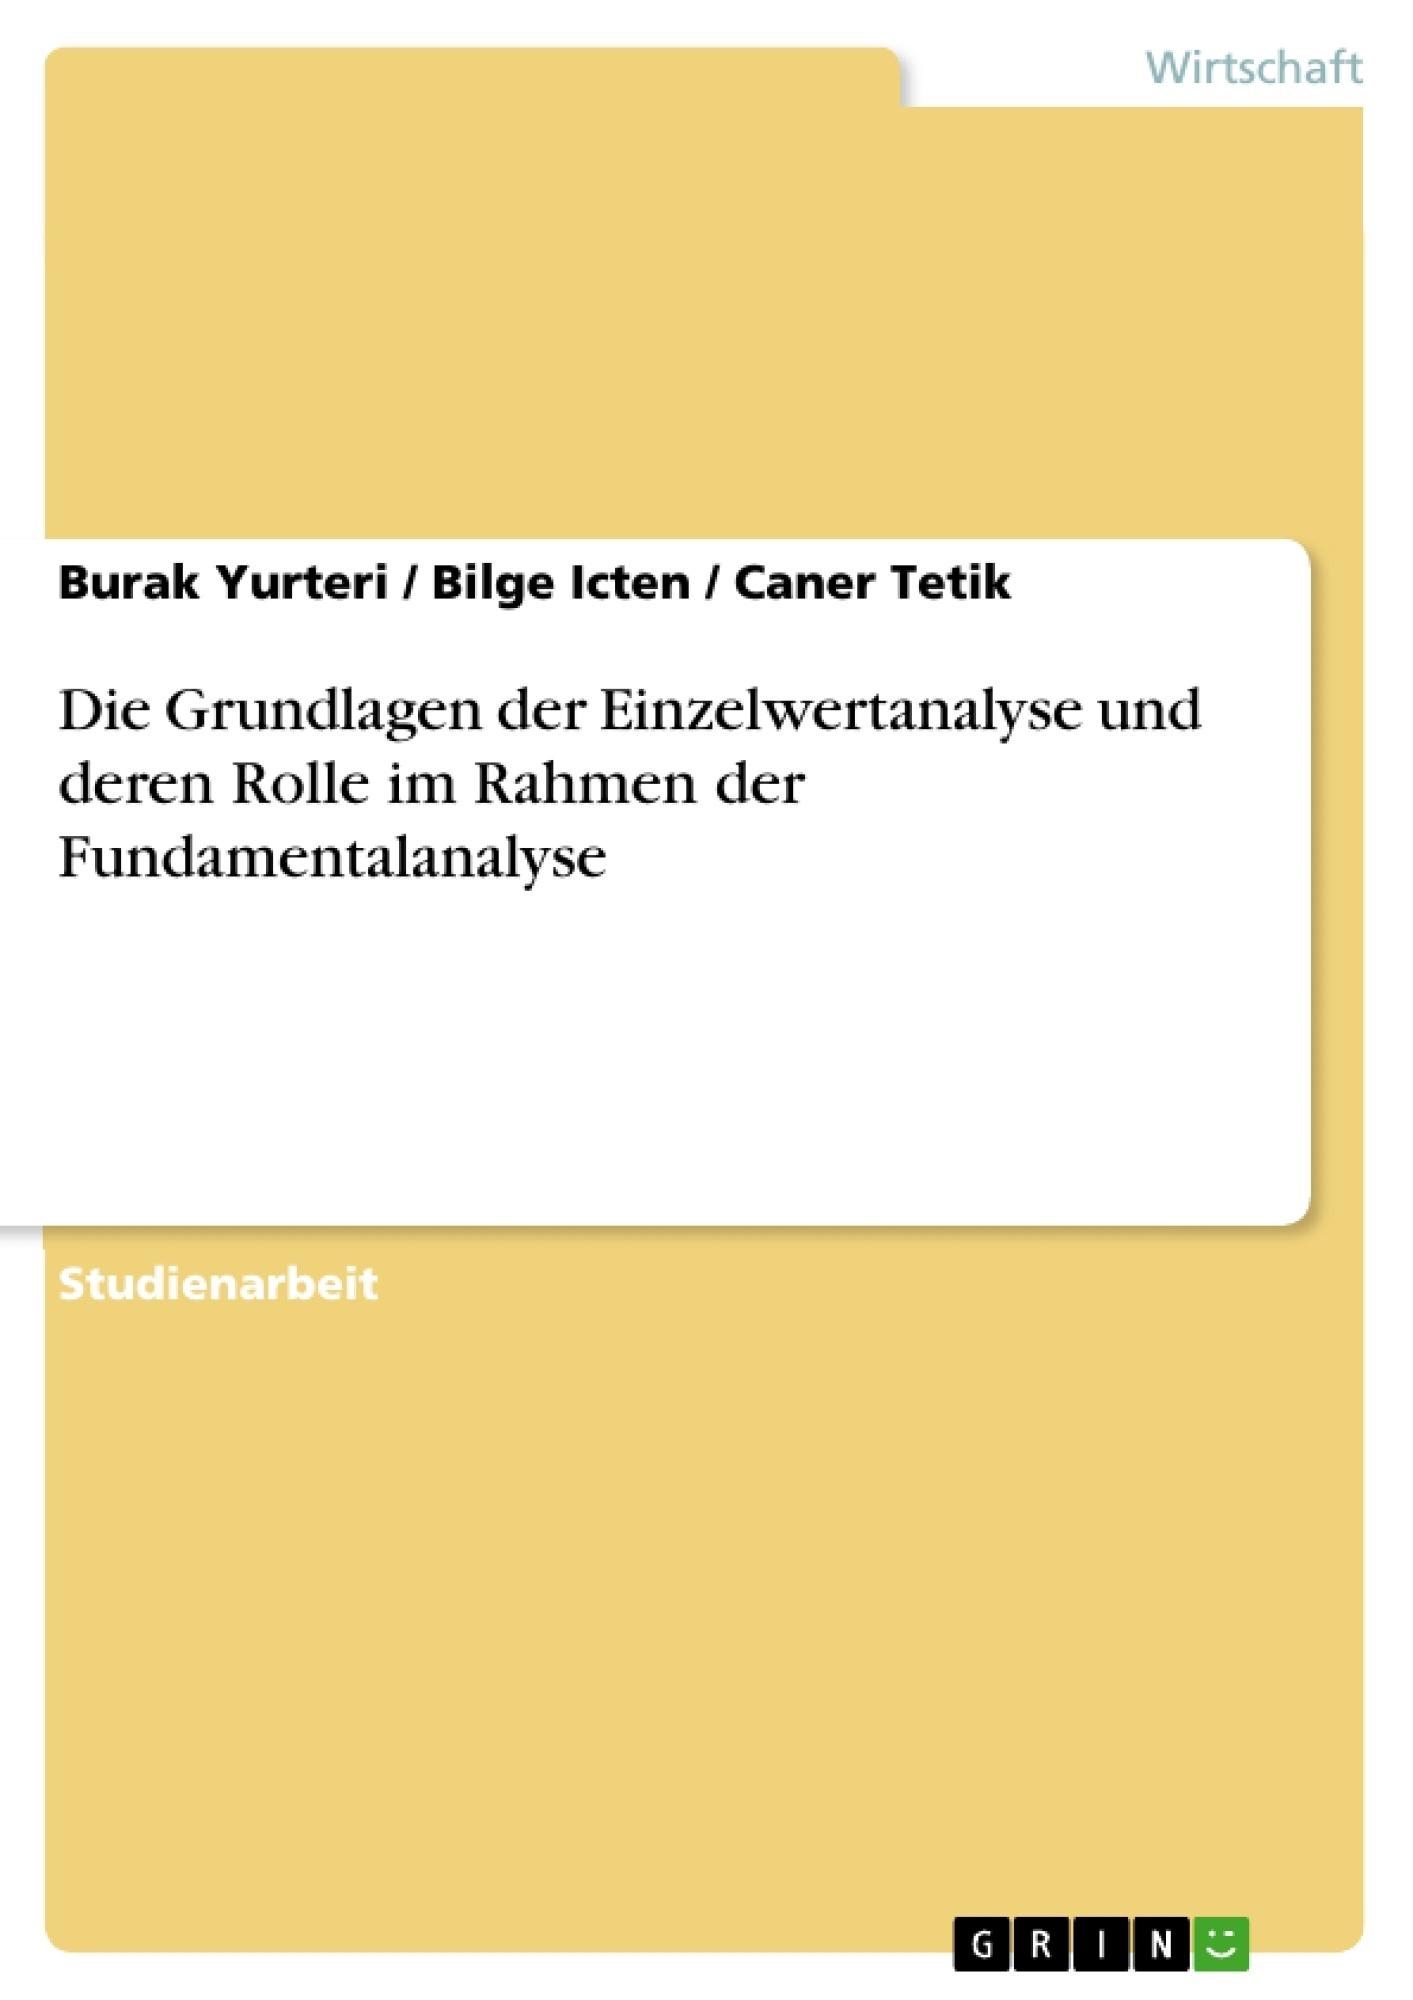 Titel: Die Grundlagen der Einzelwertanalyse und deren Rolle im Rahmen der Fundamentalanalyse